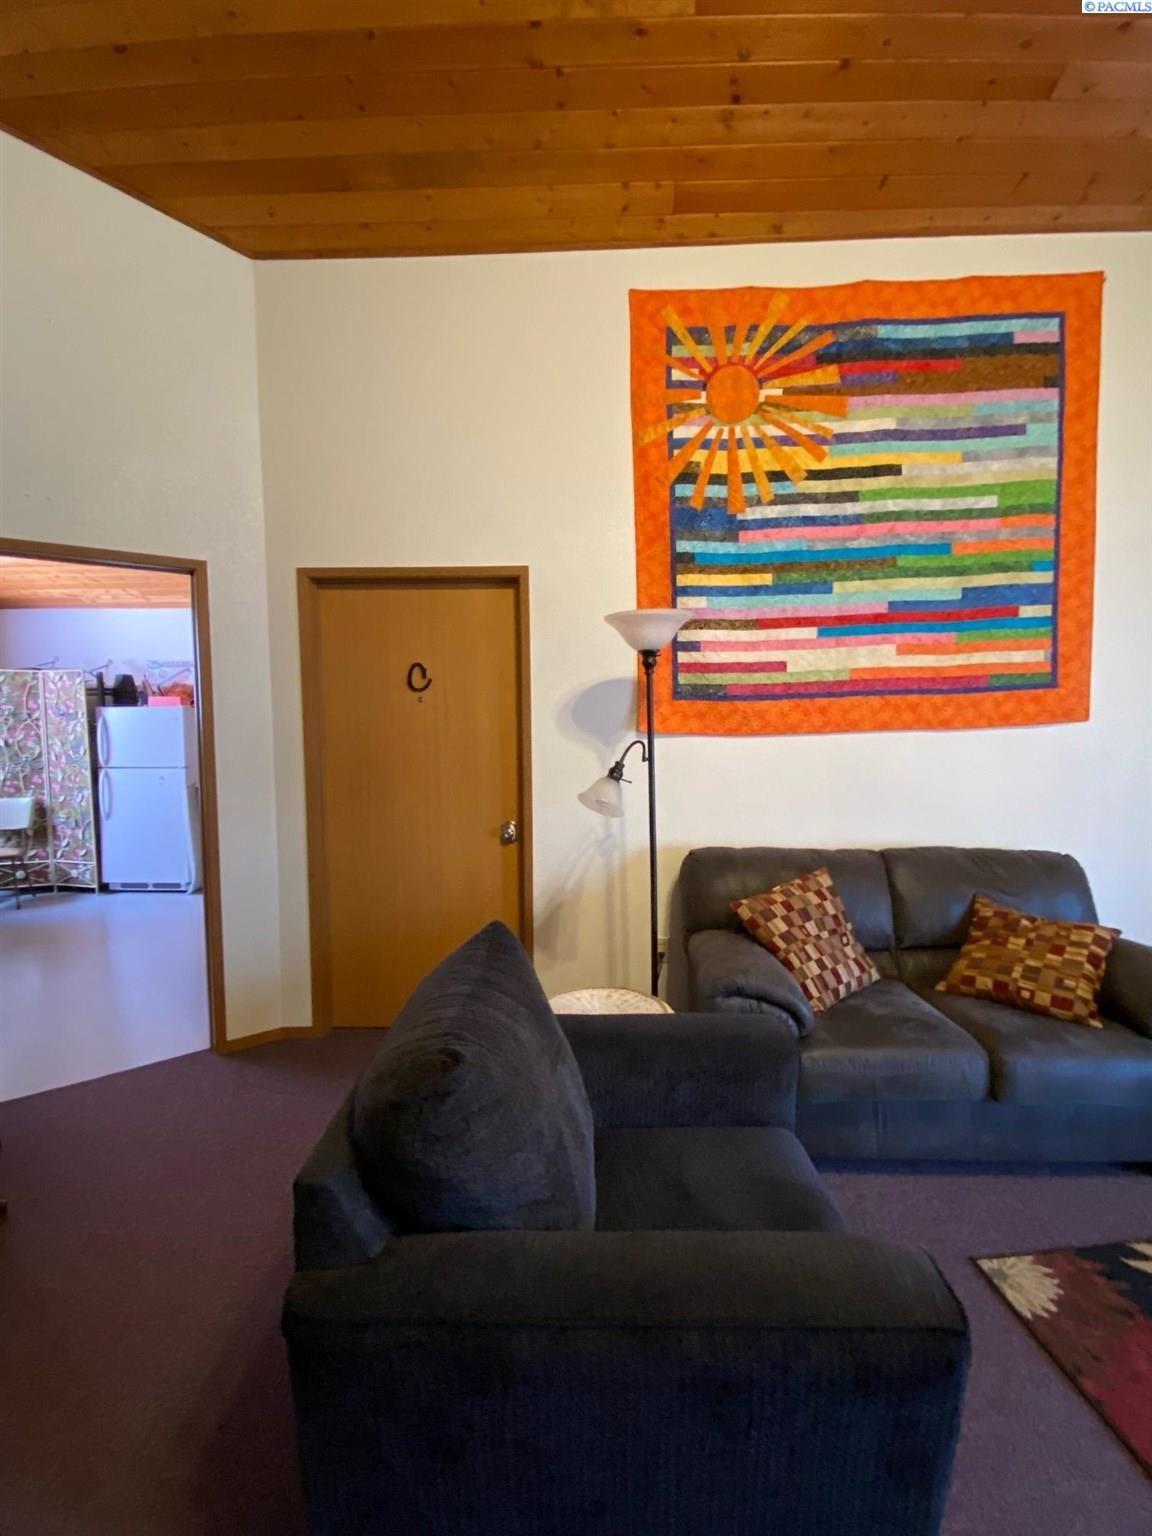 Photo of 105 W Main St, Palouse, WA 99161 (MLS # 255665)